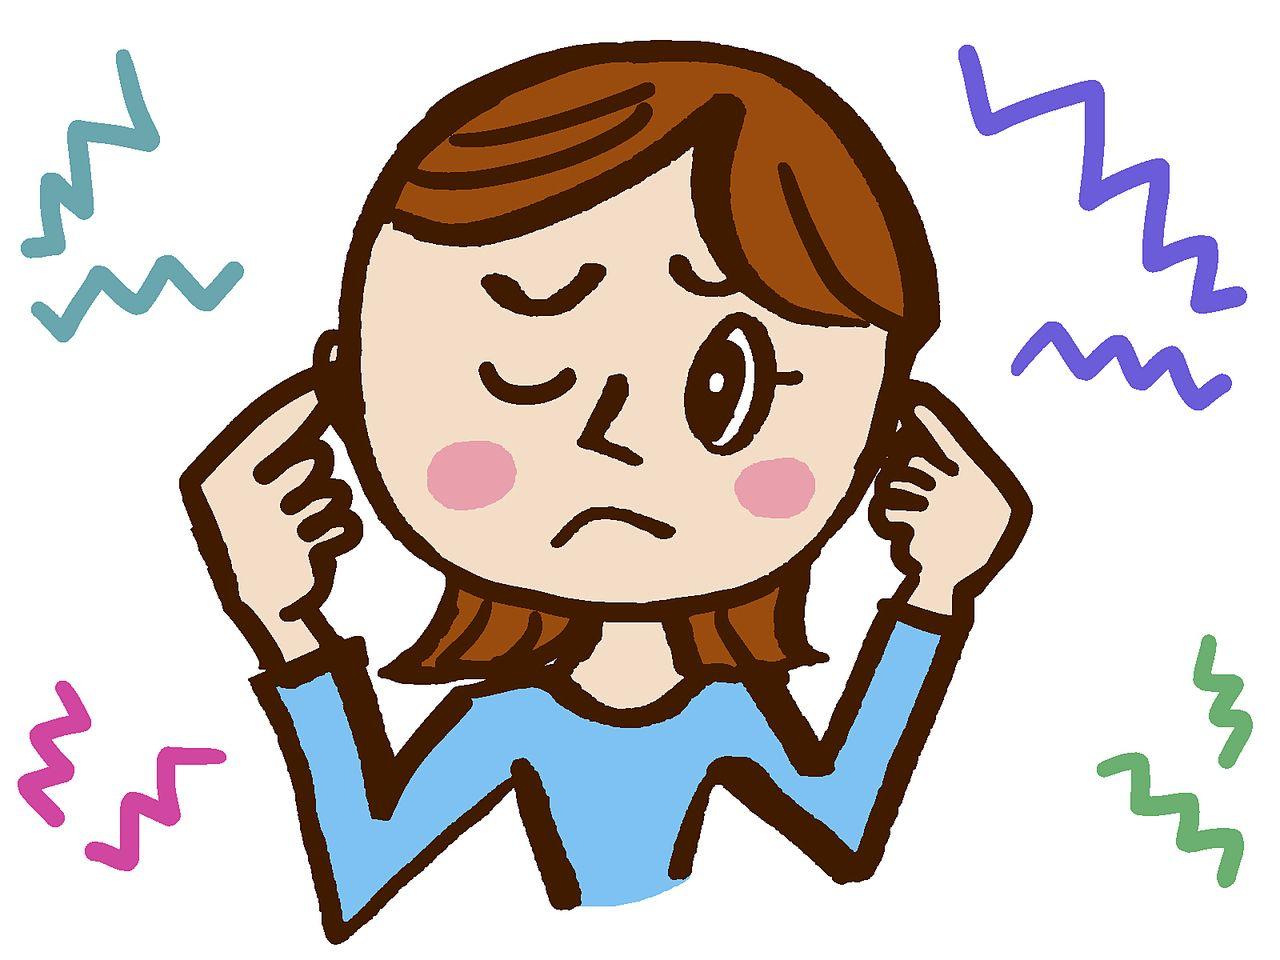 隣人の声が気になる、子供の走る音・騒ぎ声がうるさいと苦情がきた、家の外の交通音がうるさいなど、集合住宅では最も多い問題が騒音トラブルです。最近は防音性能が高い住宅が増えてはいますが、防音性能…